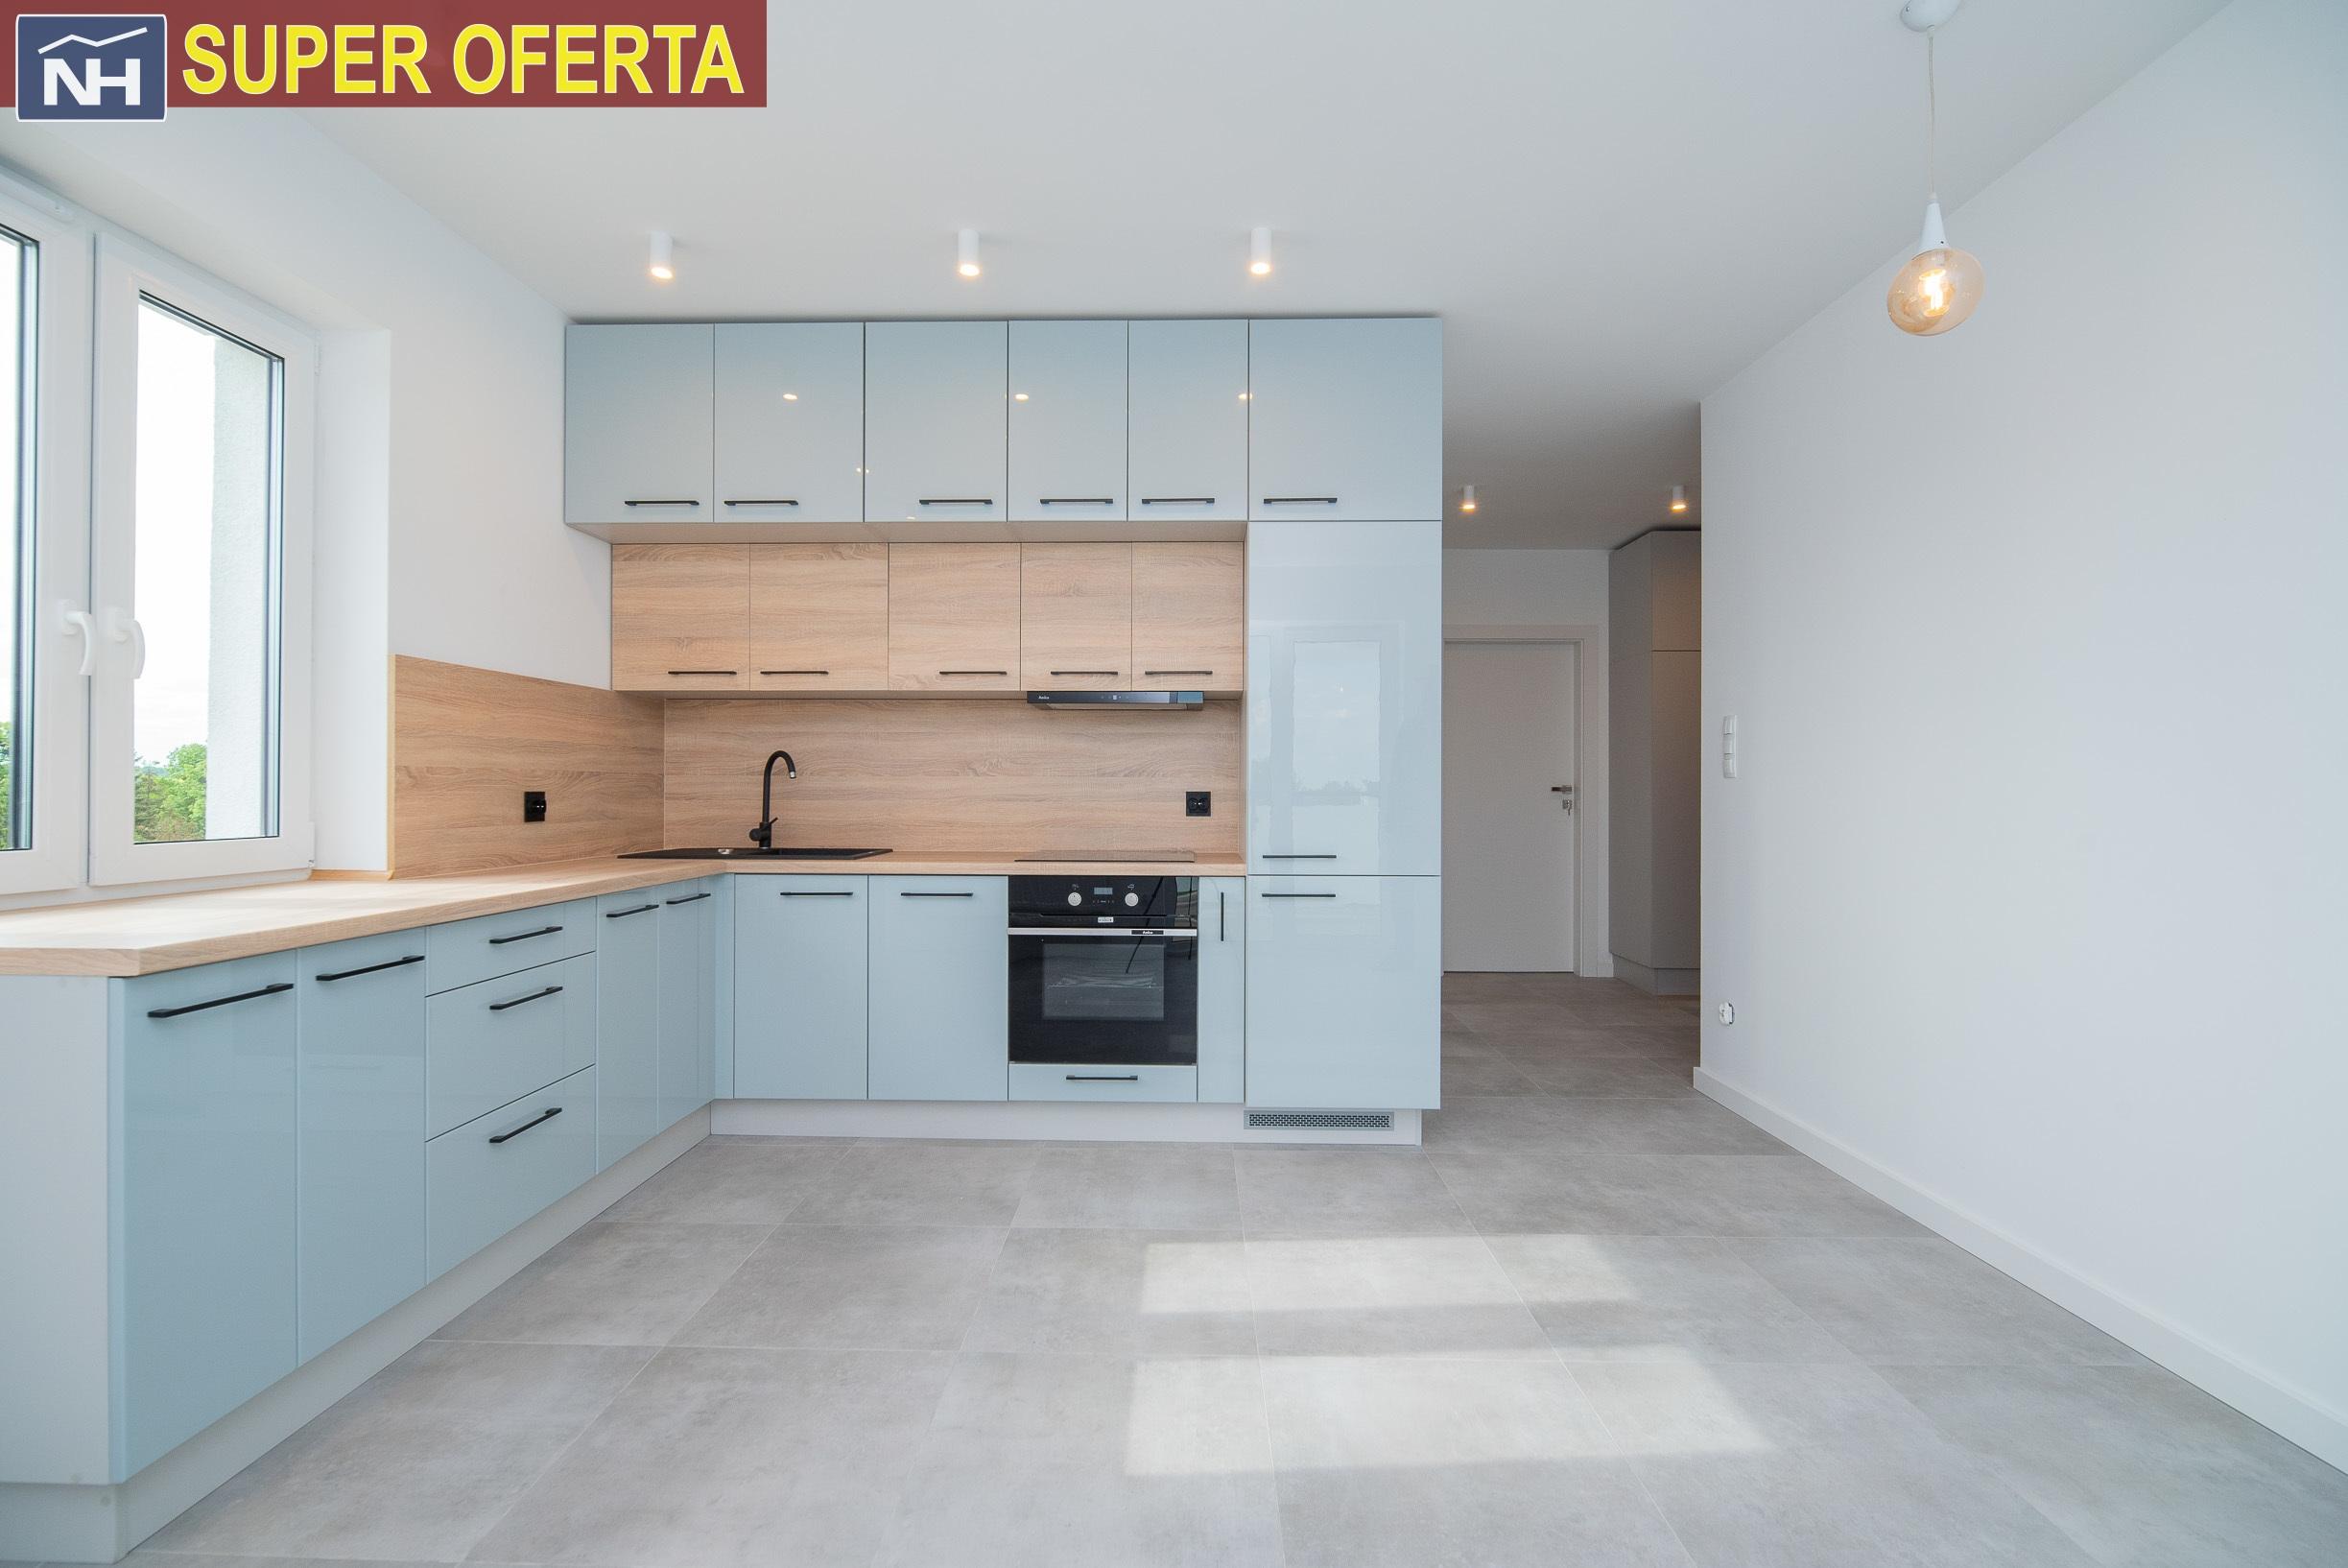 Mieszkanie Świecie - oferta 67383